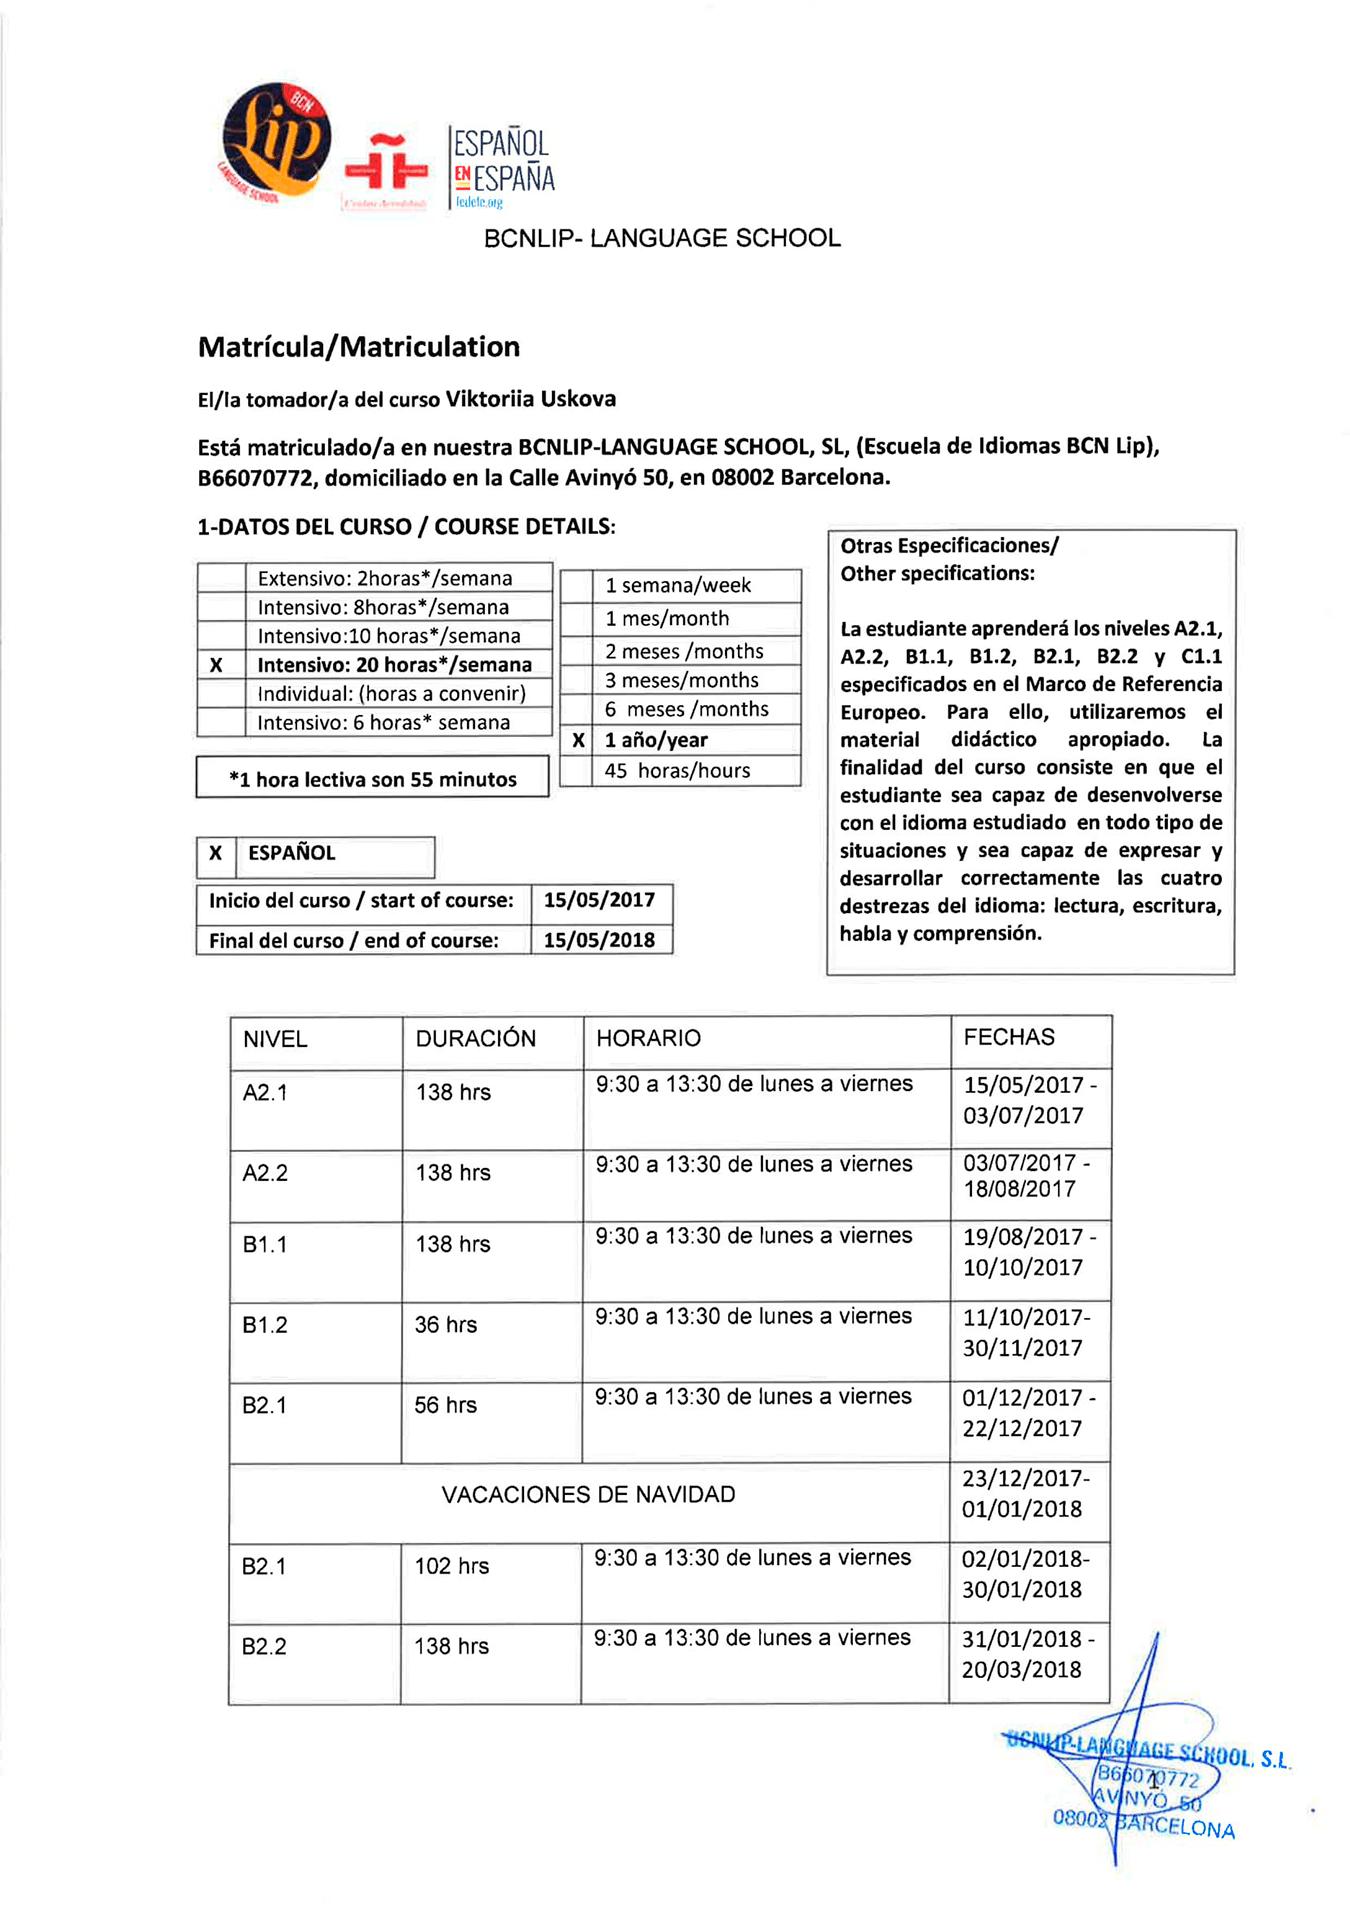 Первая страница матрикулы, где указаны сроки, даты и программа обучения по уровням языка